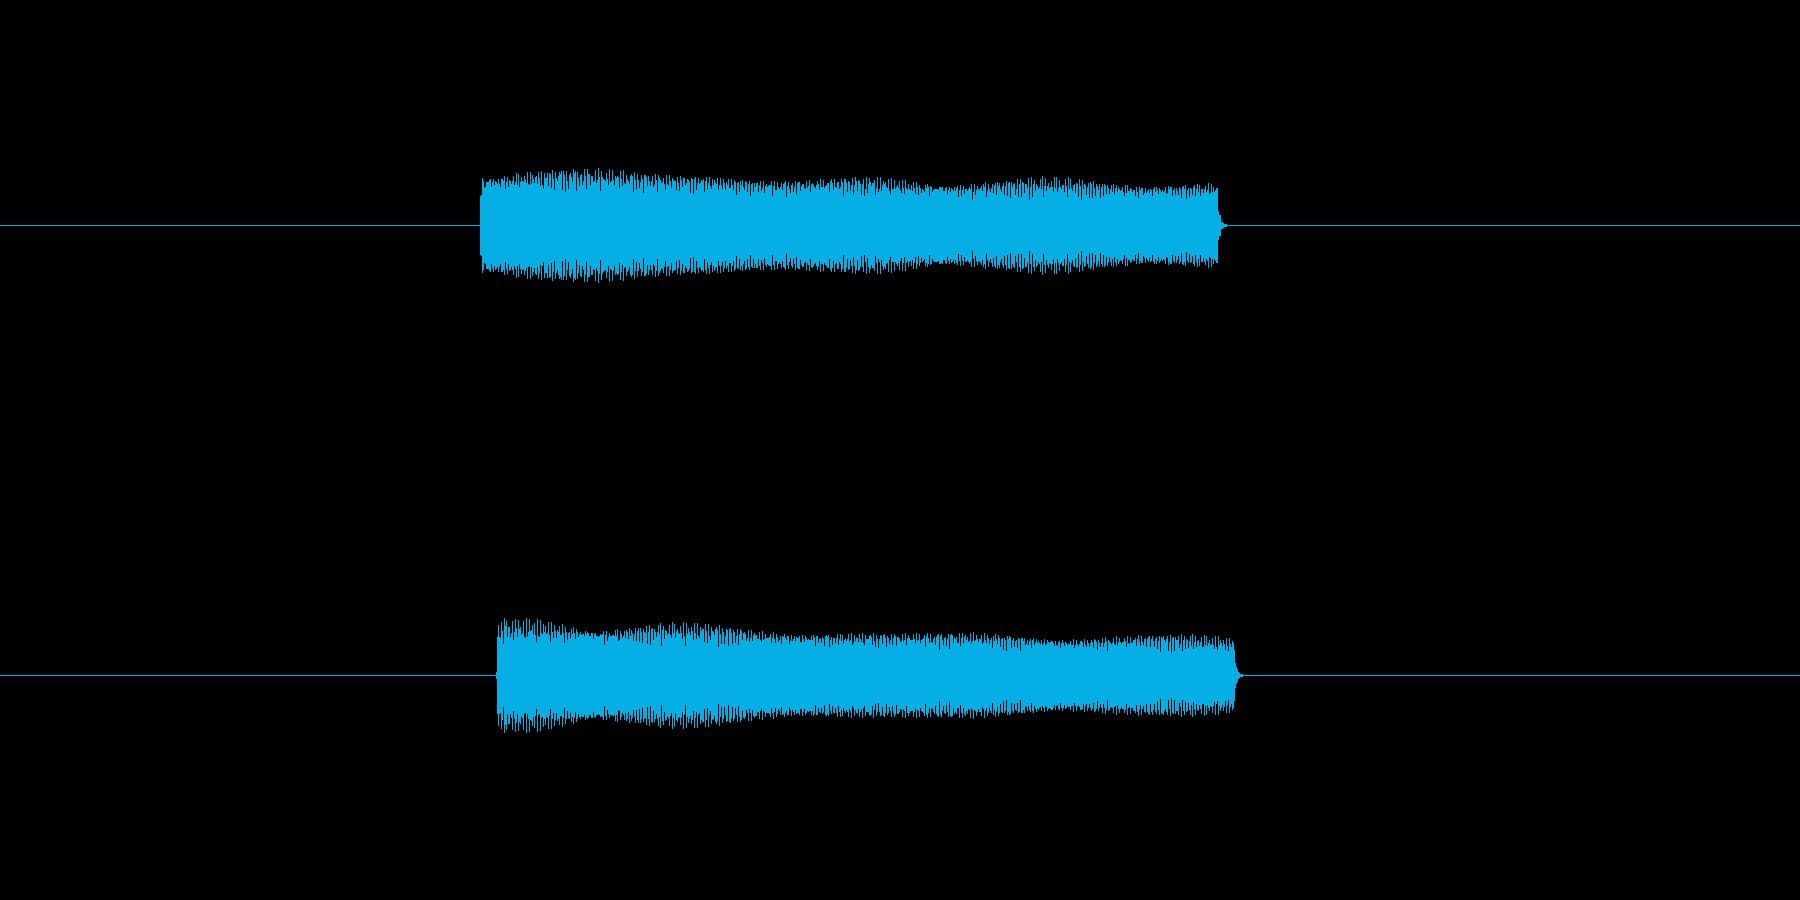 ピッ 電子音 ボタン 選択 電源オン の再生済みの波形